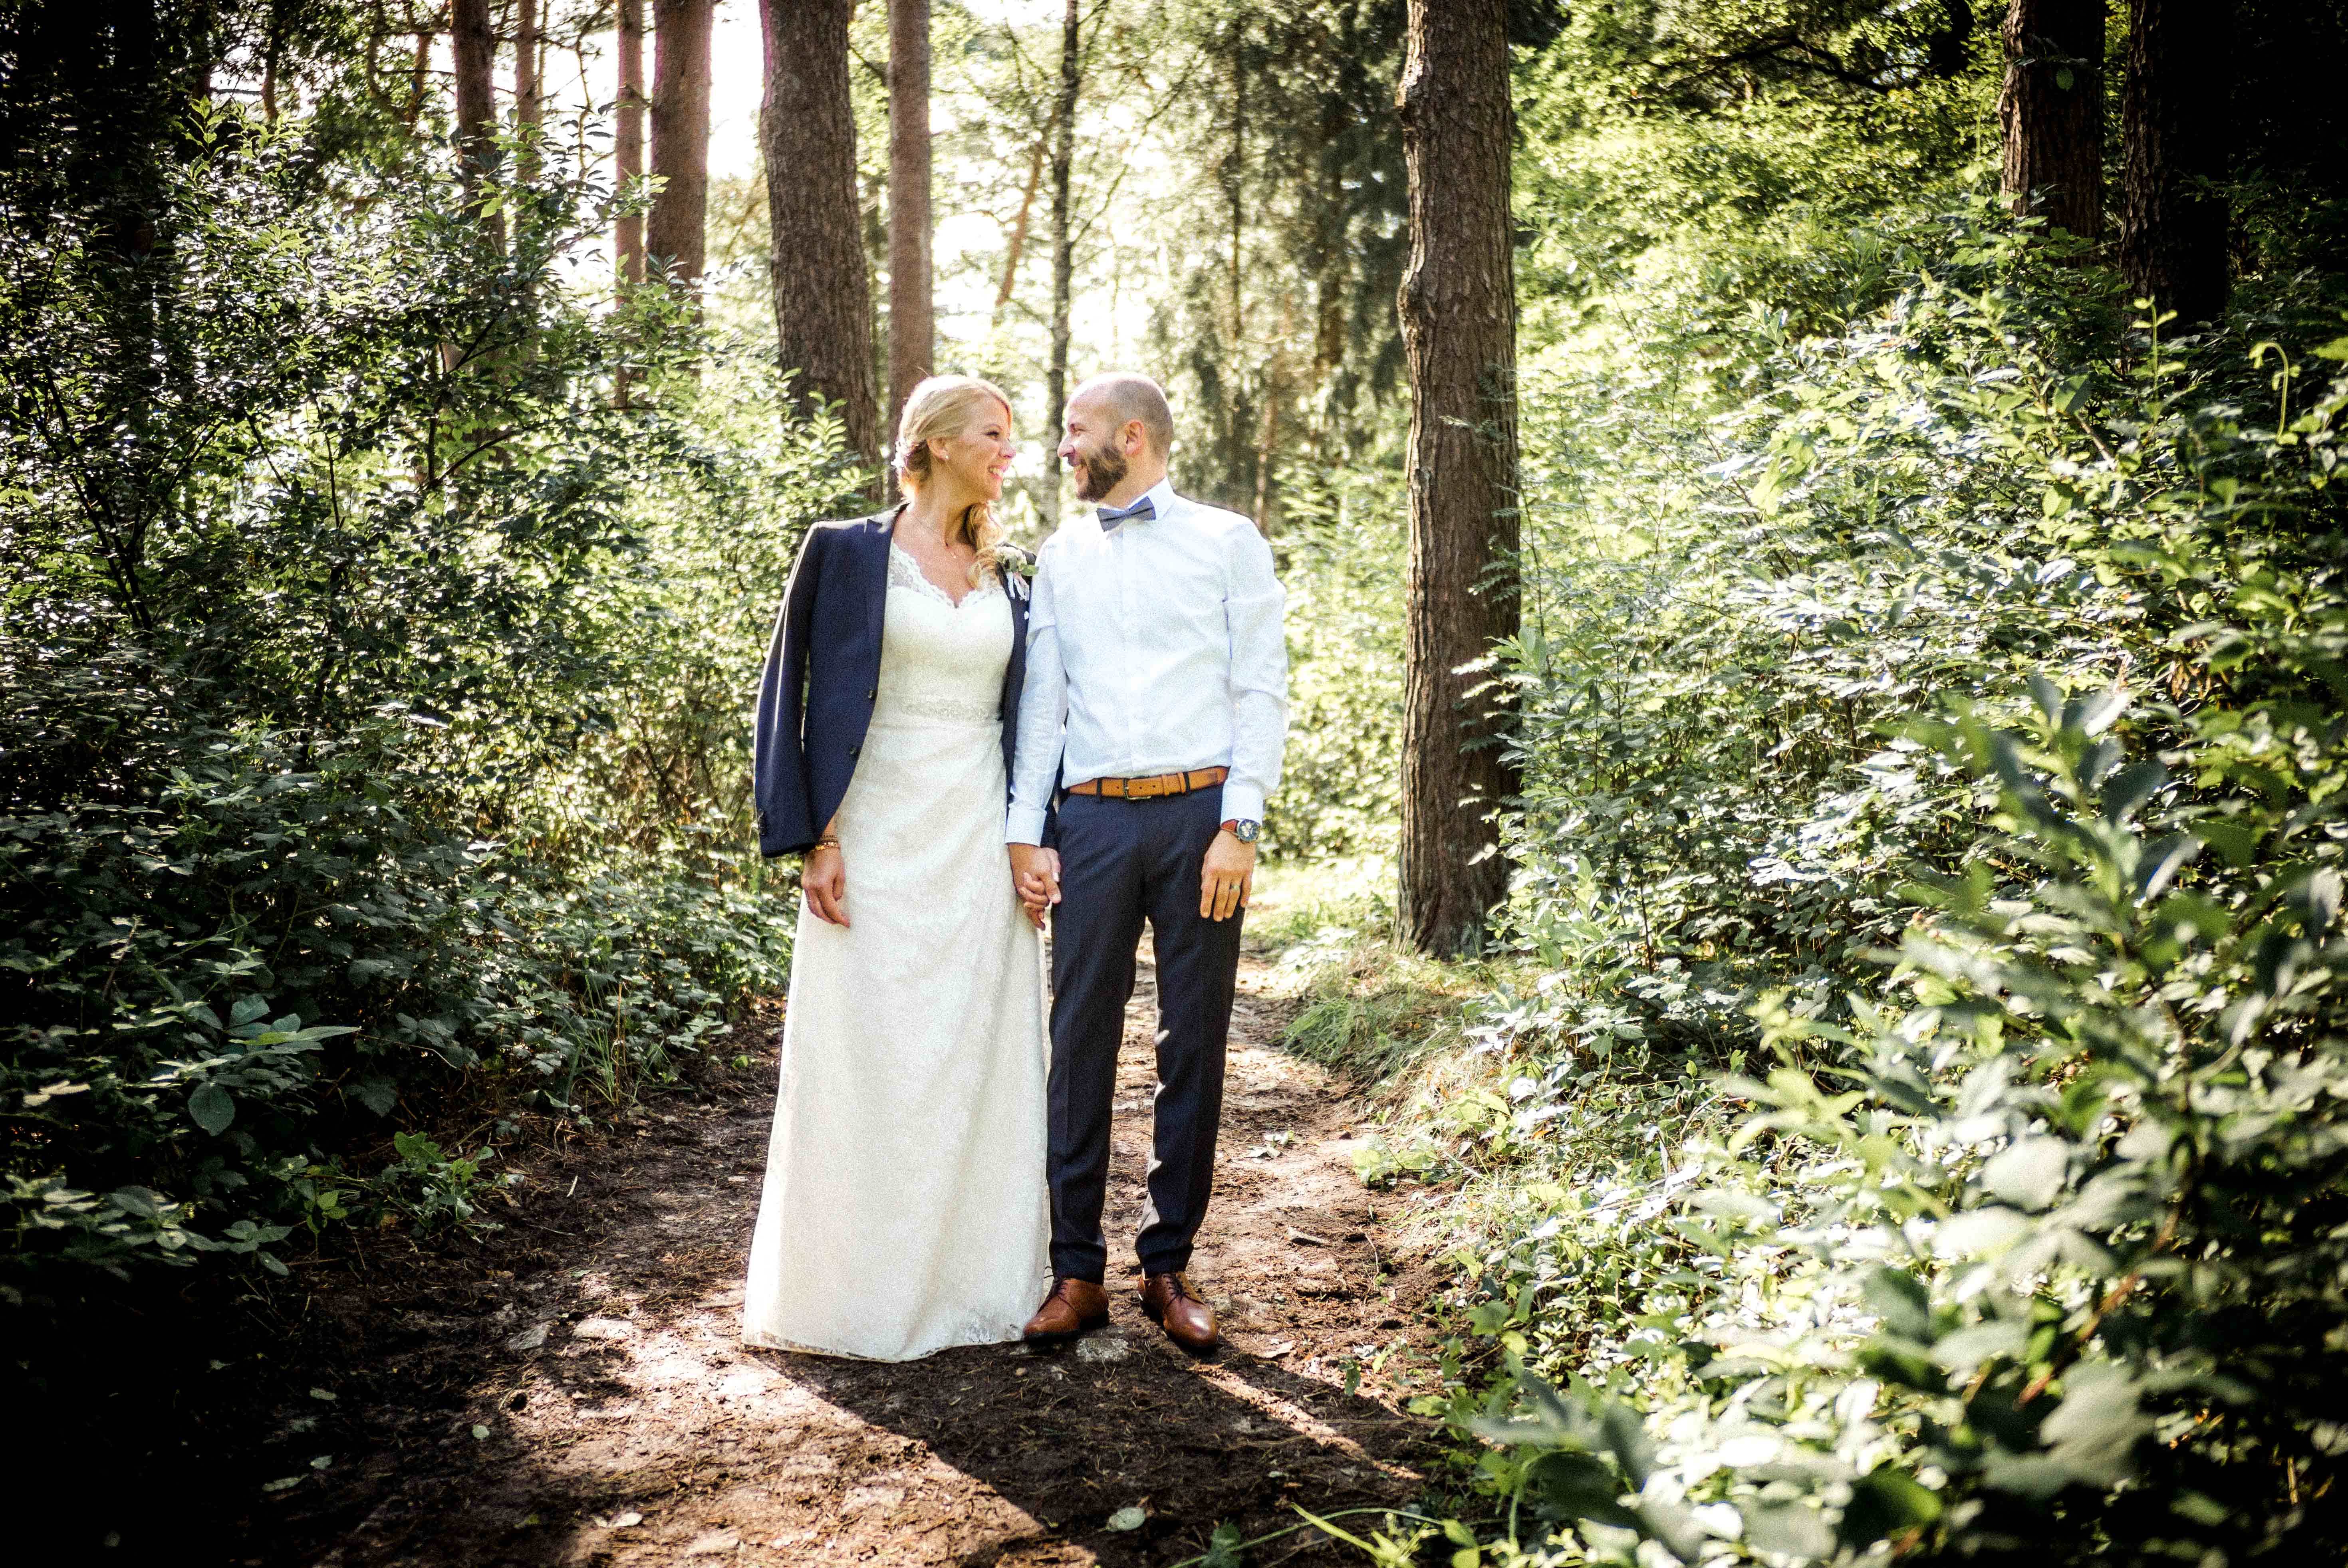 Ganzkörperaufnahme des sich anschauenden Brautpaares